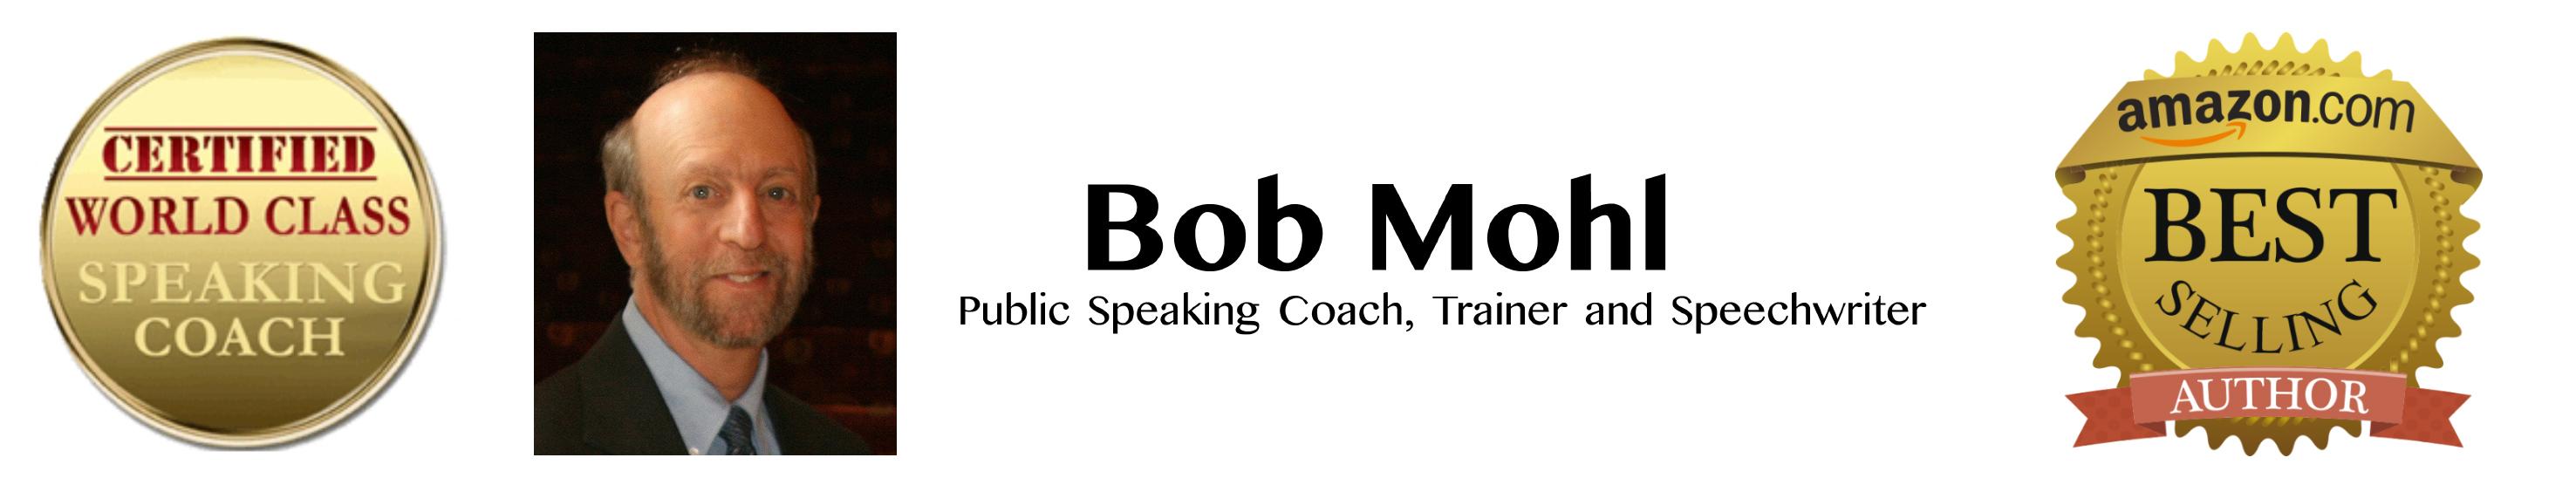 Bob Mohl website